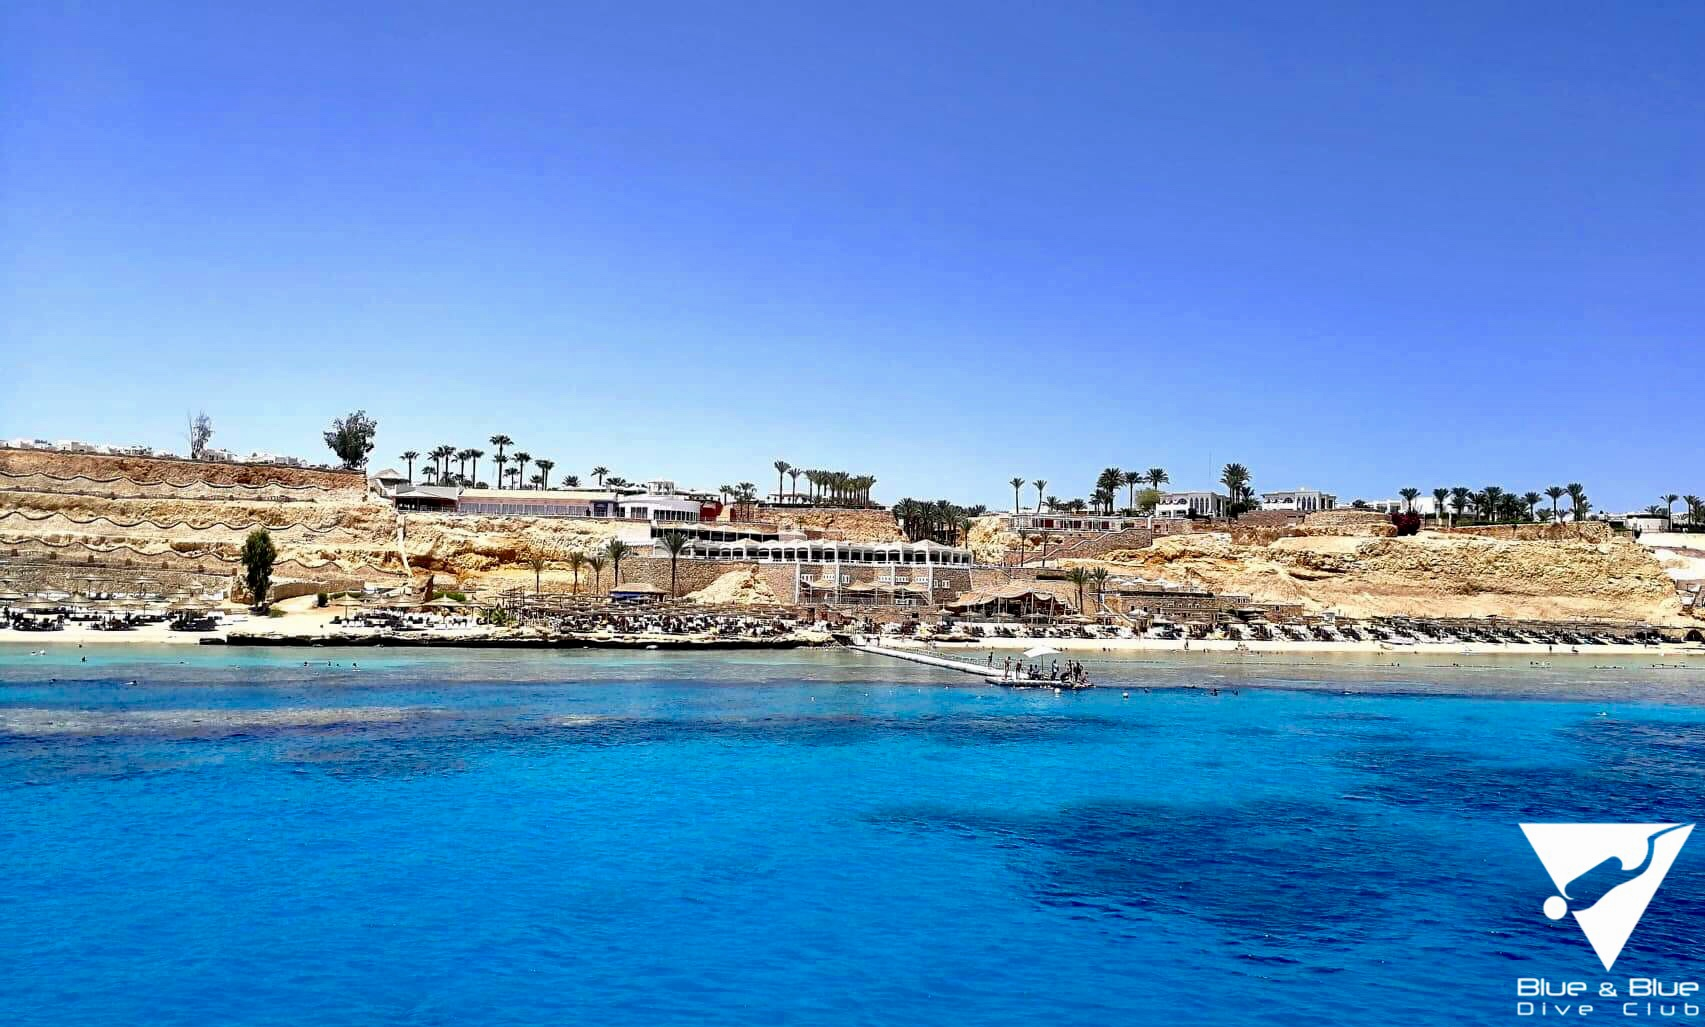 Ras Umm Sid - Sharm el Sheikh Egypt